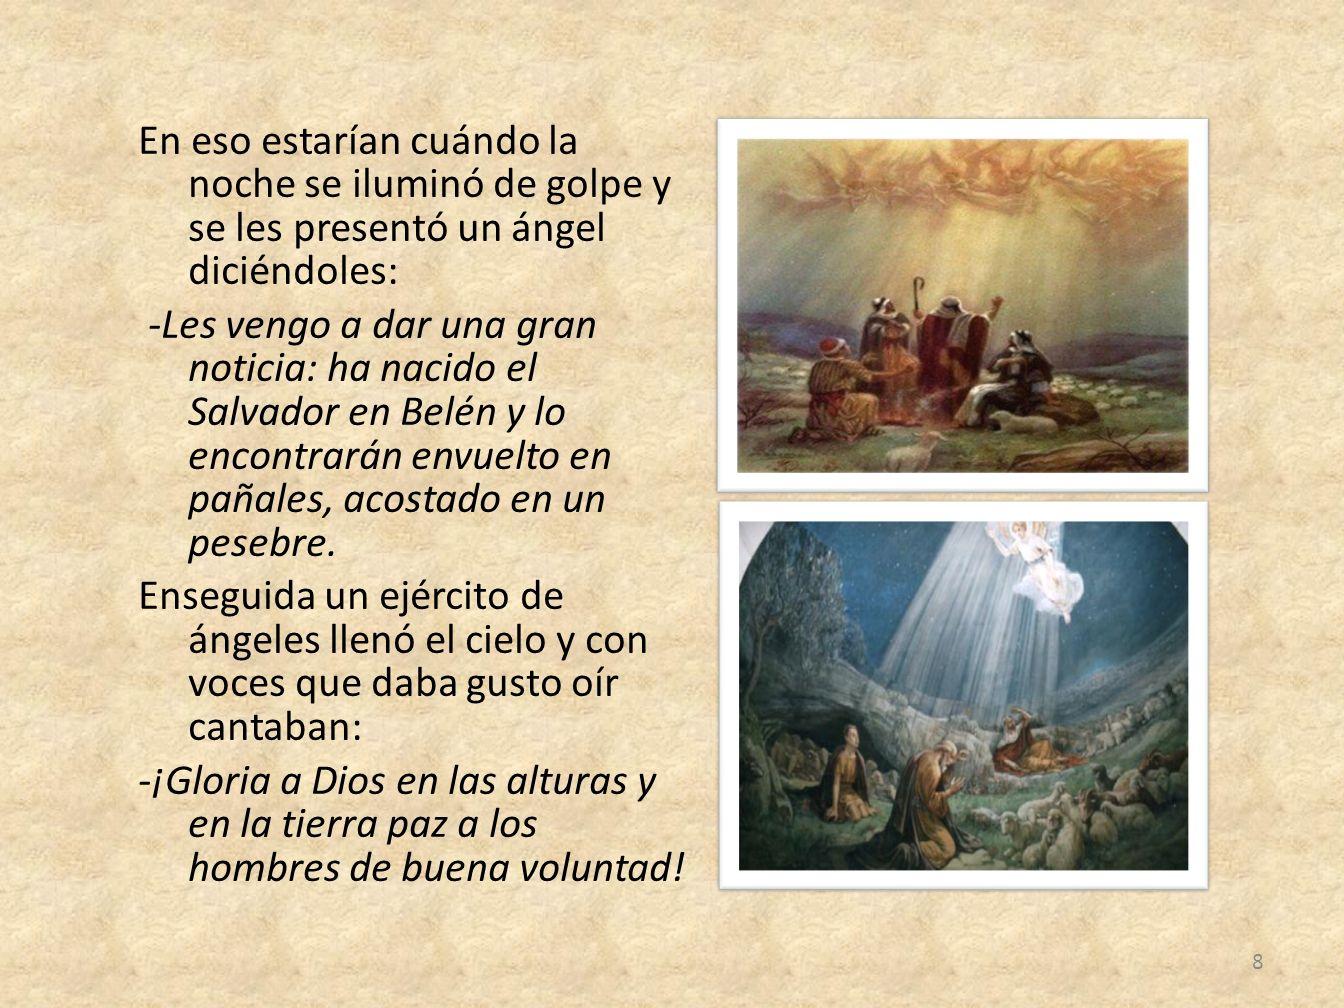 Los pastores marcharon a Belén, hallaron la cueva y, en ella, a Jesús chiquito, a María su madre y a San José.